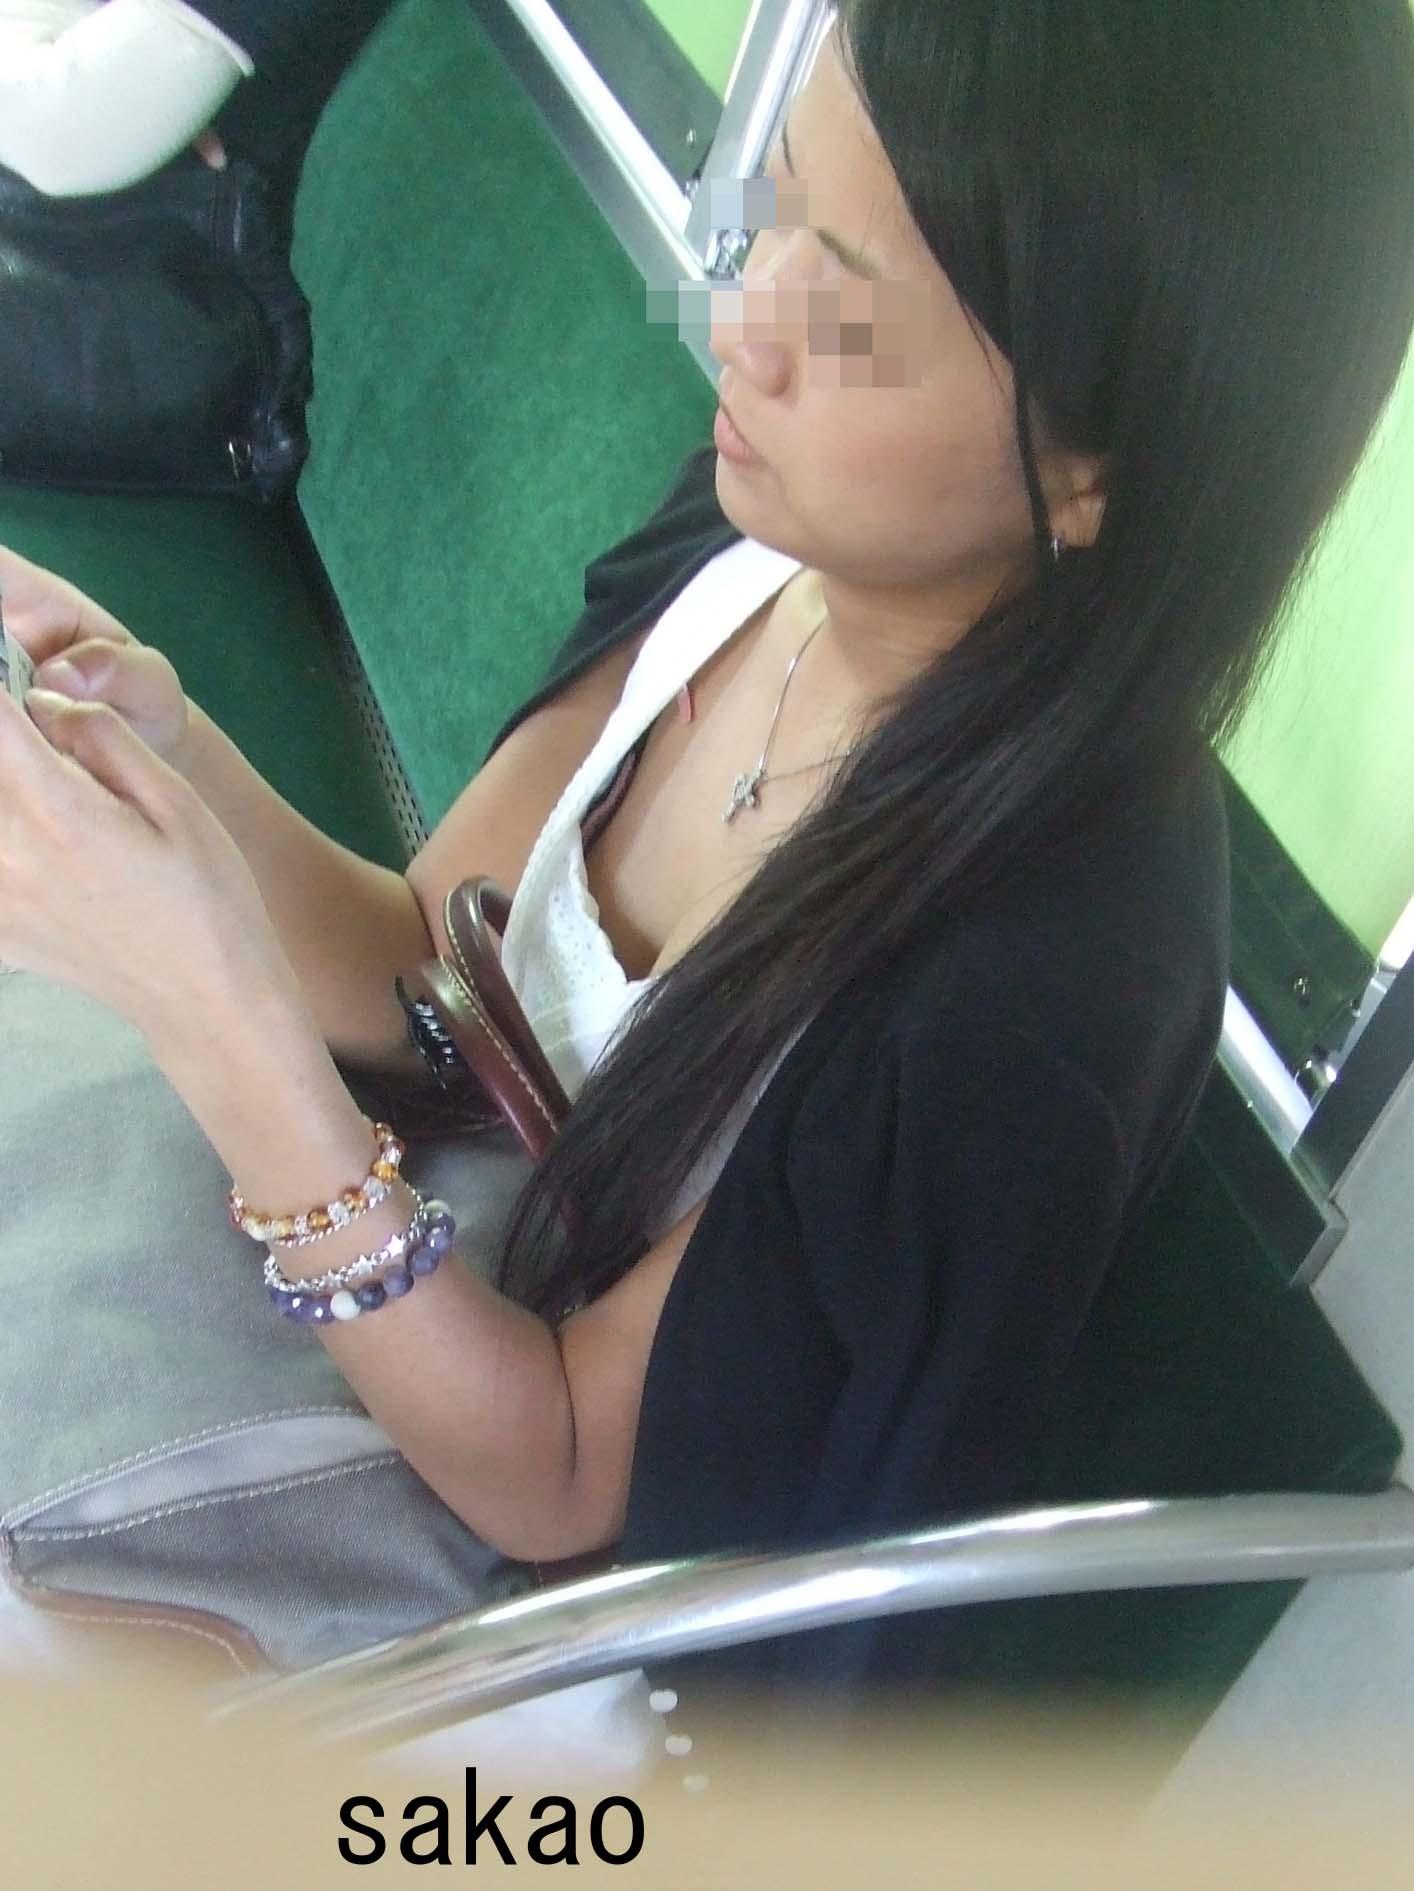 電車で座る無防備な素人娘の胸チラおっぱいwww覗いたら乳首見えてますやんwww 15105